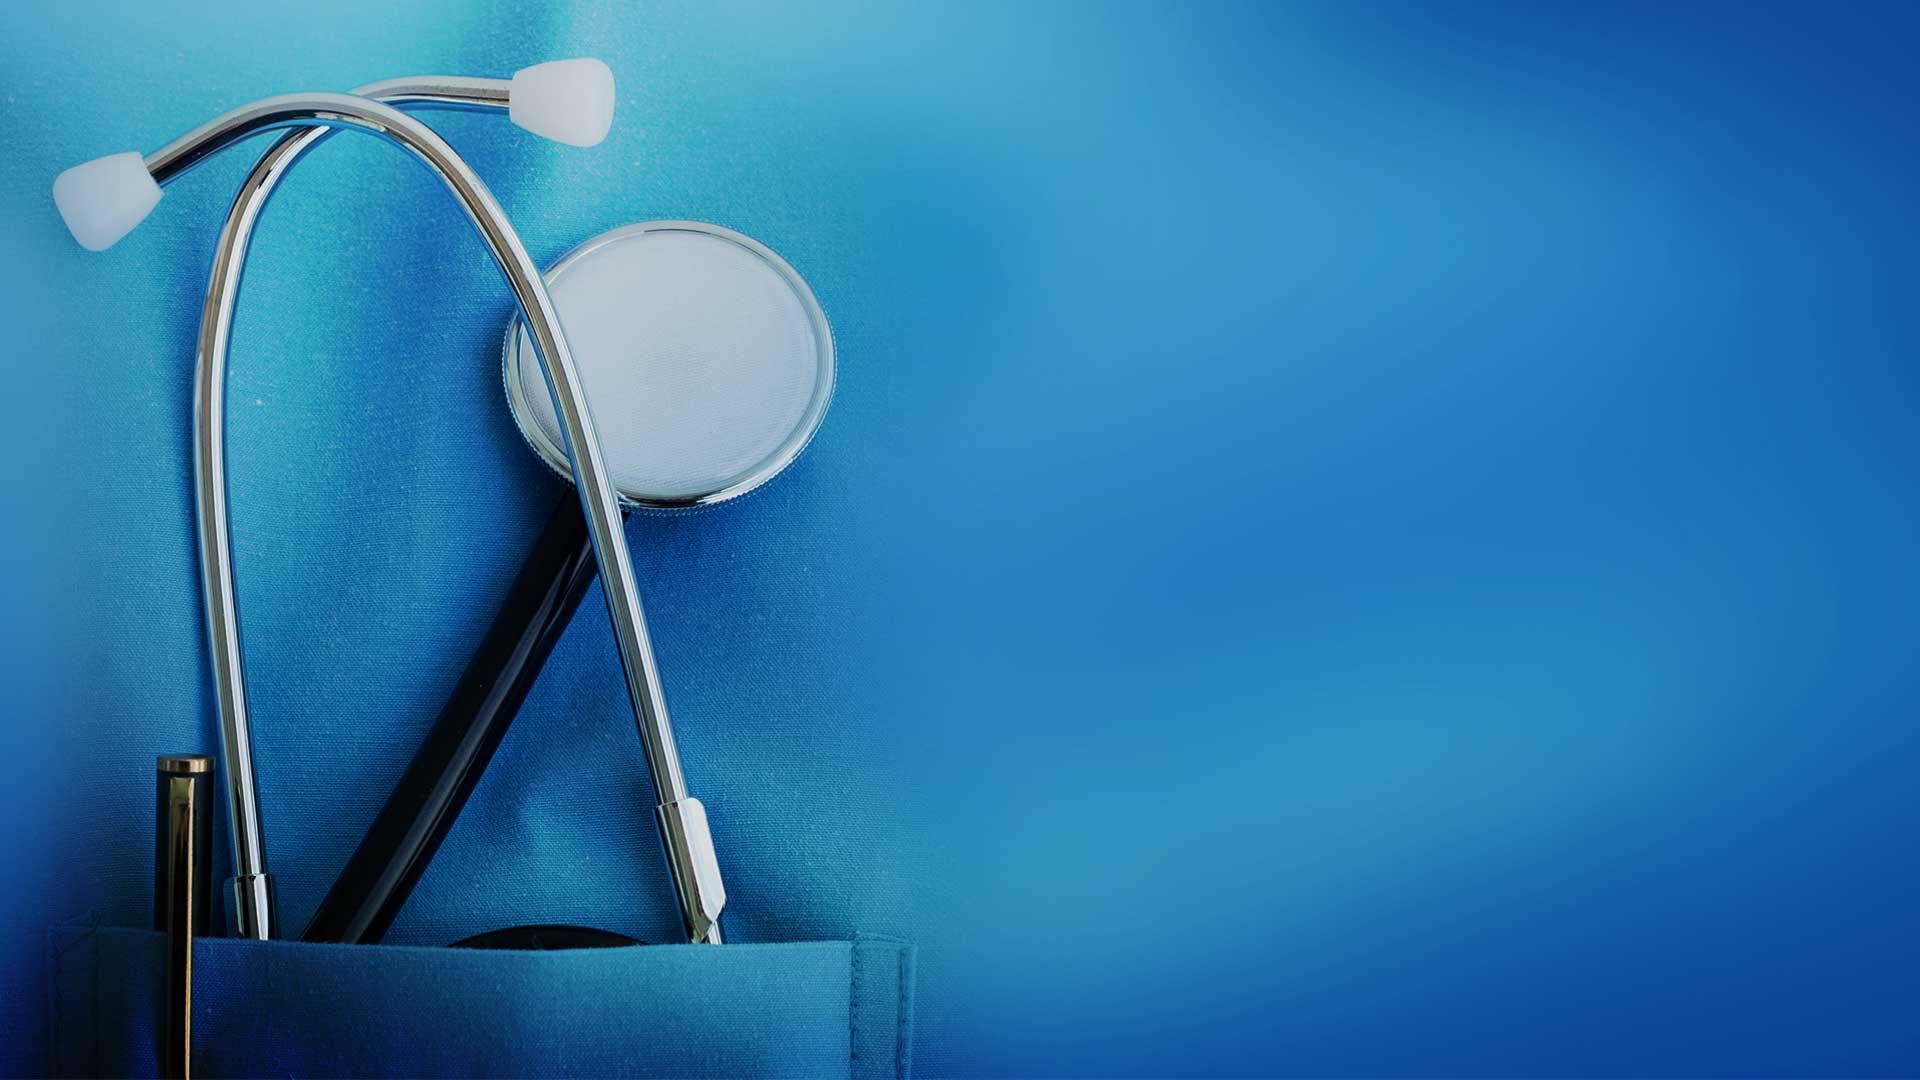 healthcare_shutterstock_277918613.jpg